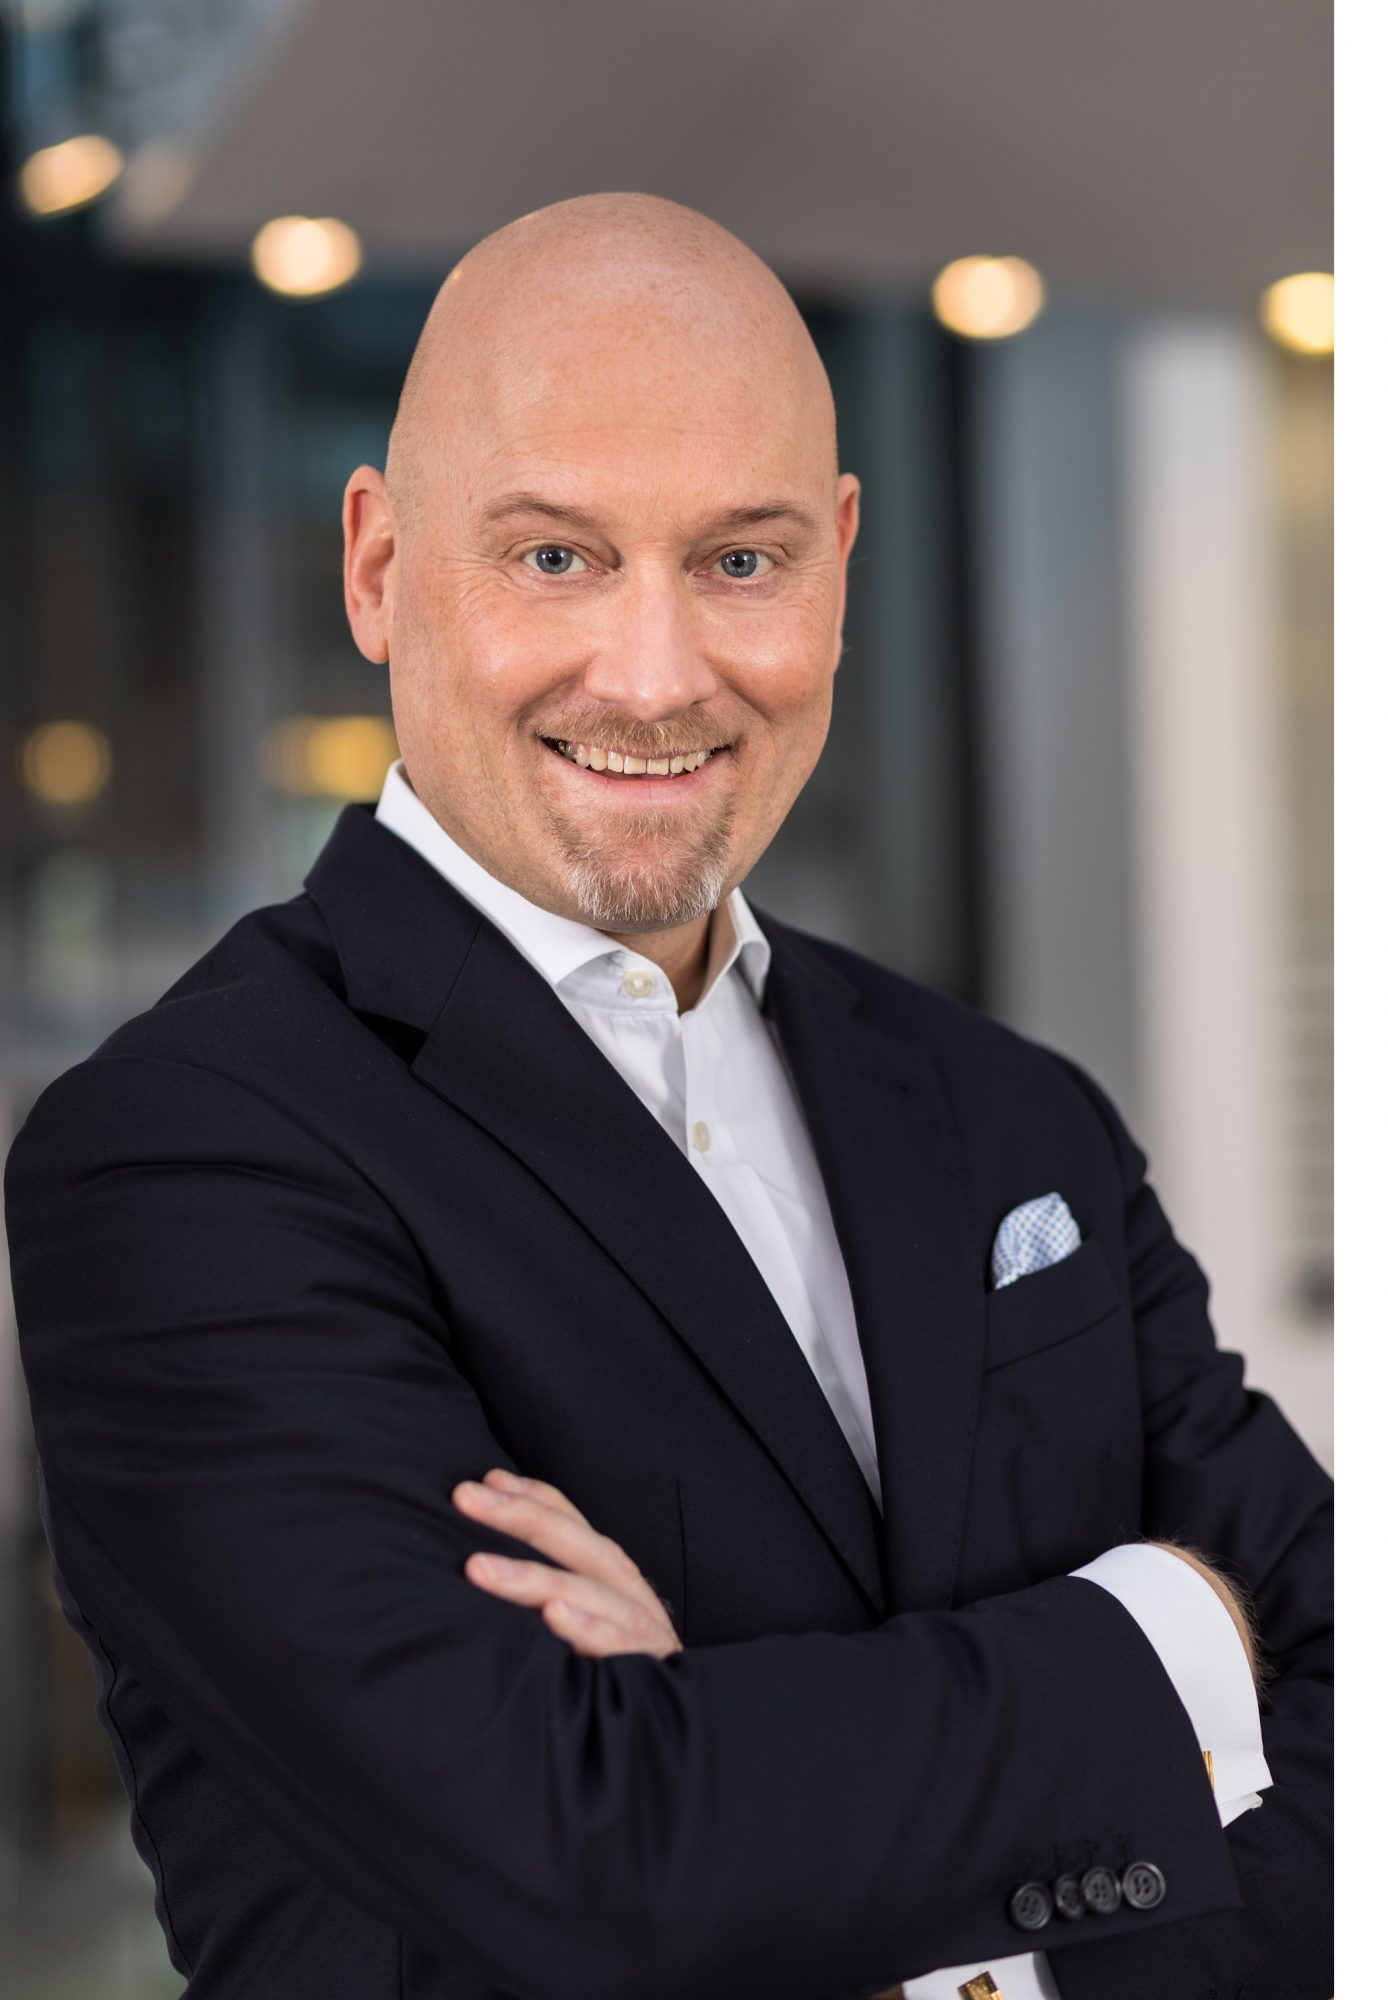 Dr. Dirk Rollenhagen, Geschäftsführer der Smavesto GmbH / Interview mit Robo Advisor Smavesto / Robo Advisory Markt 2020